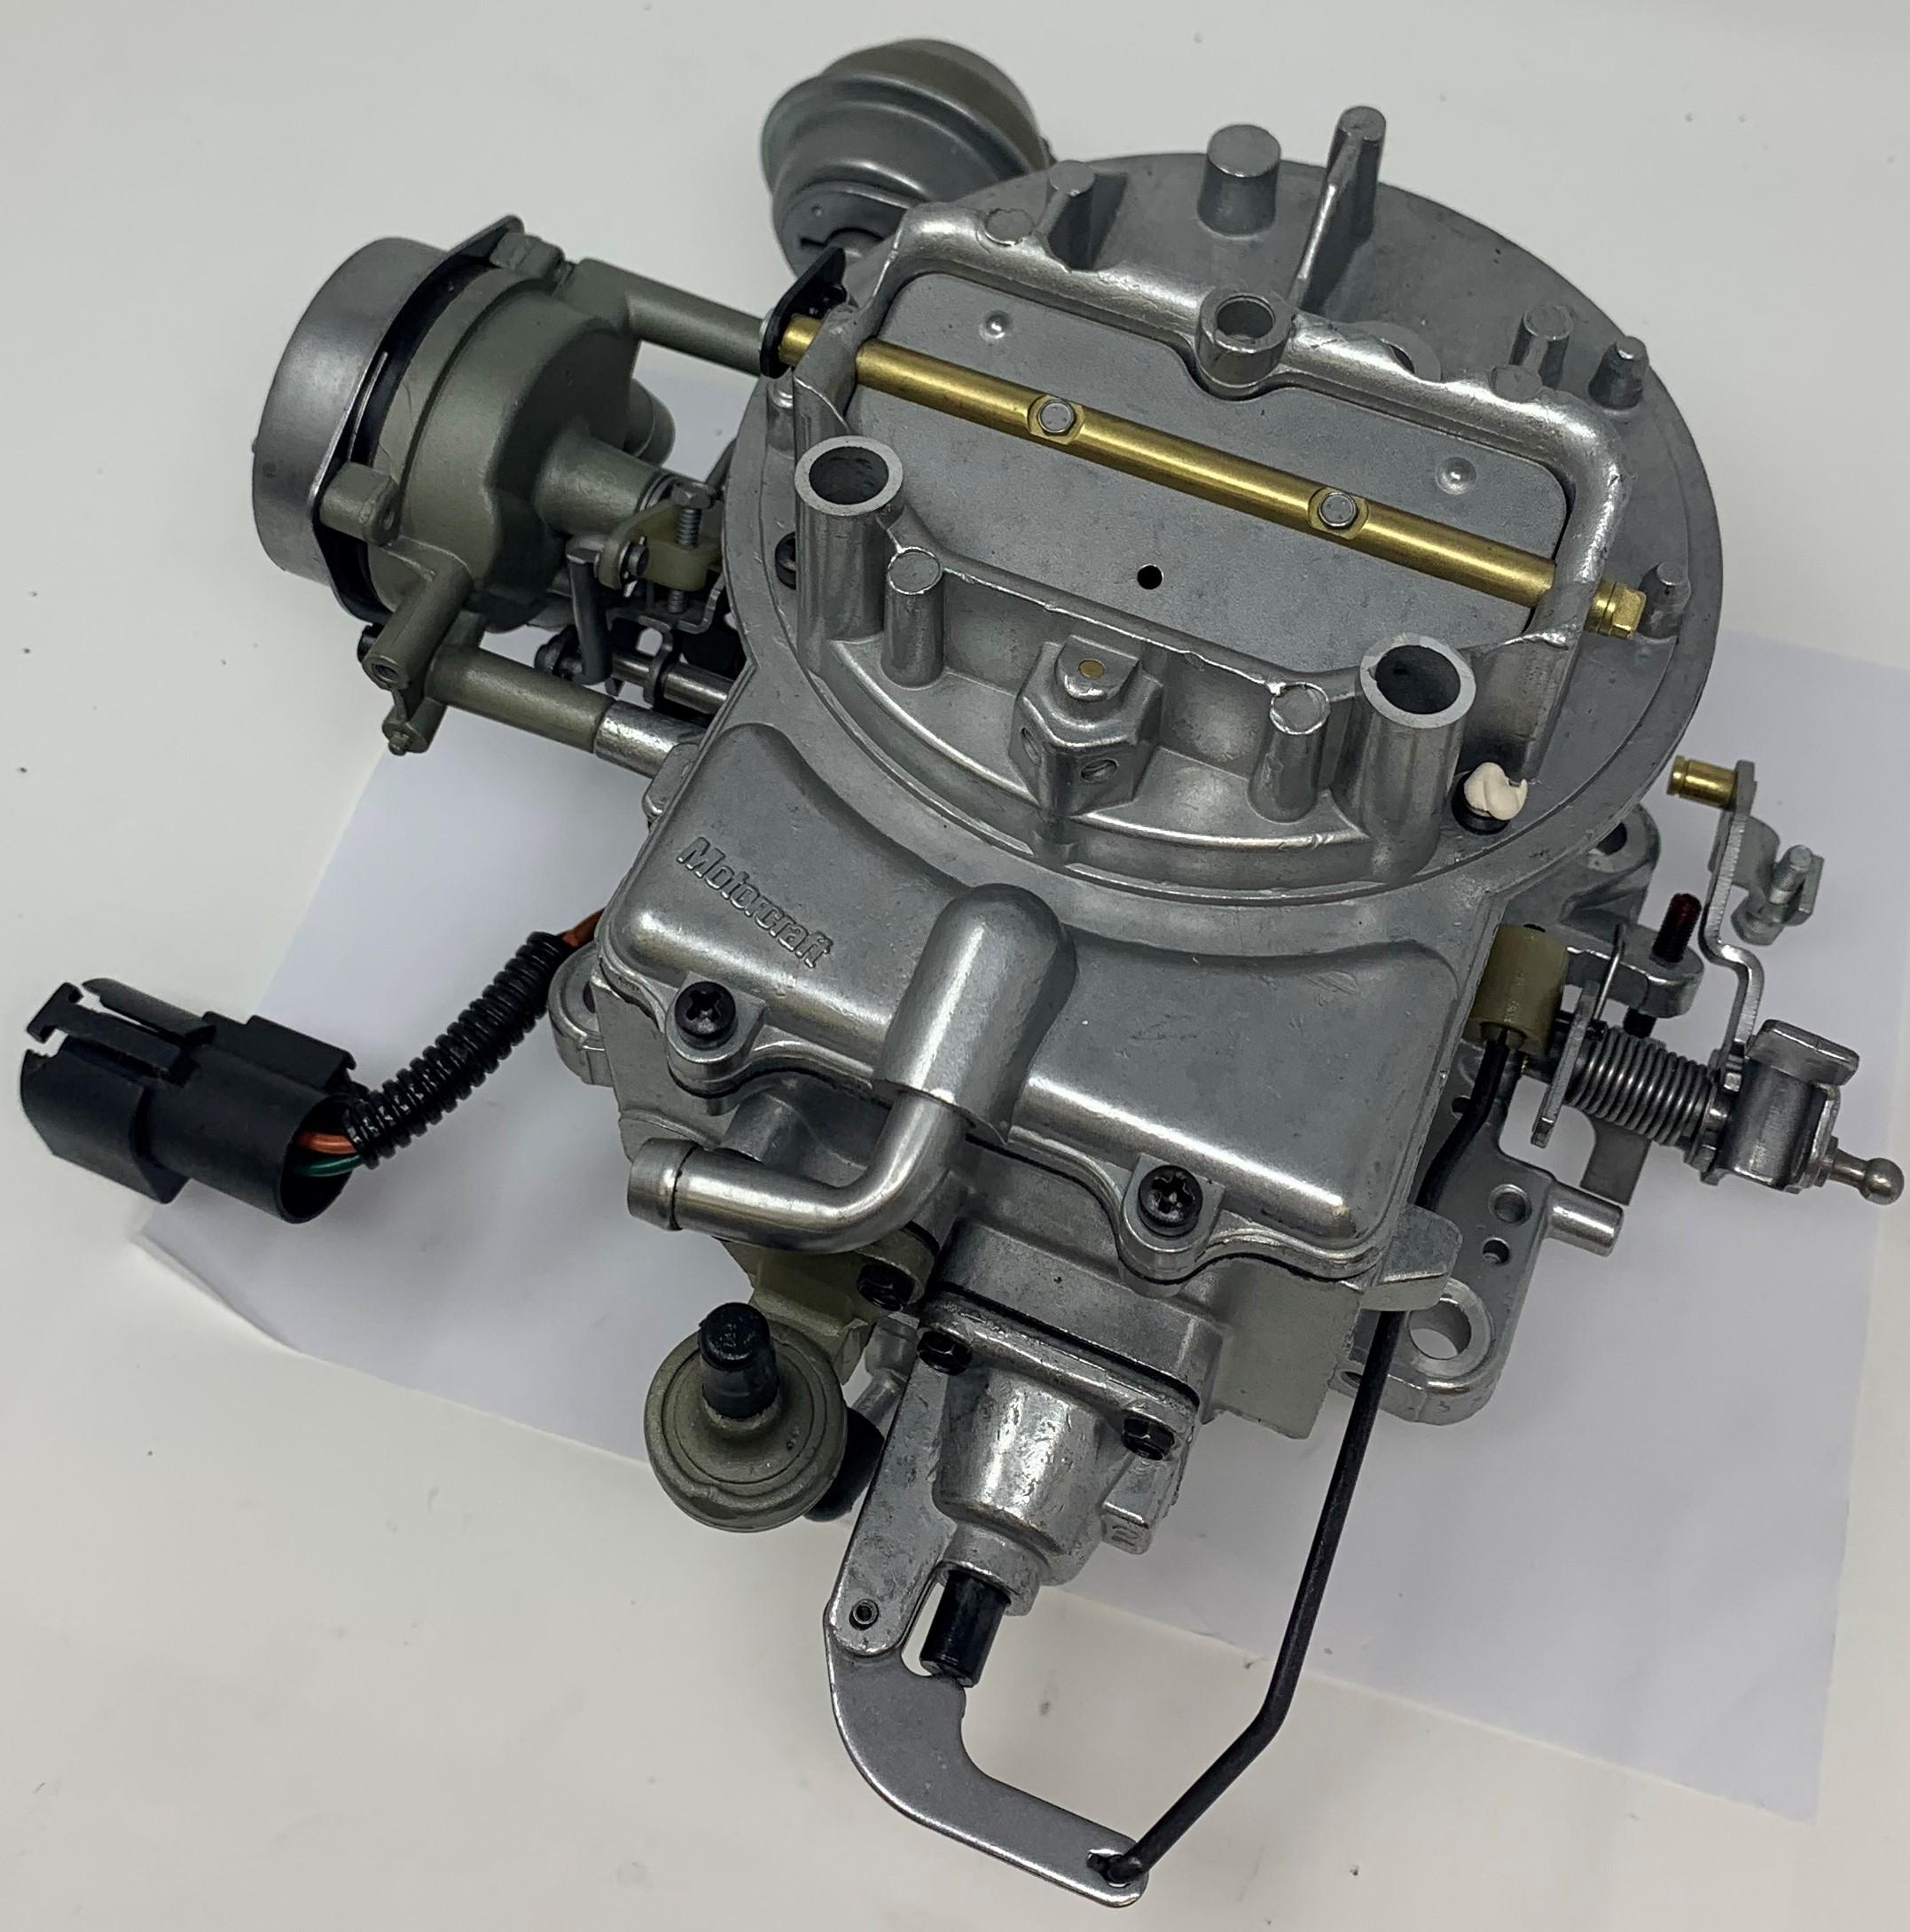 nationalcarburetors.com